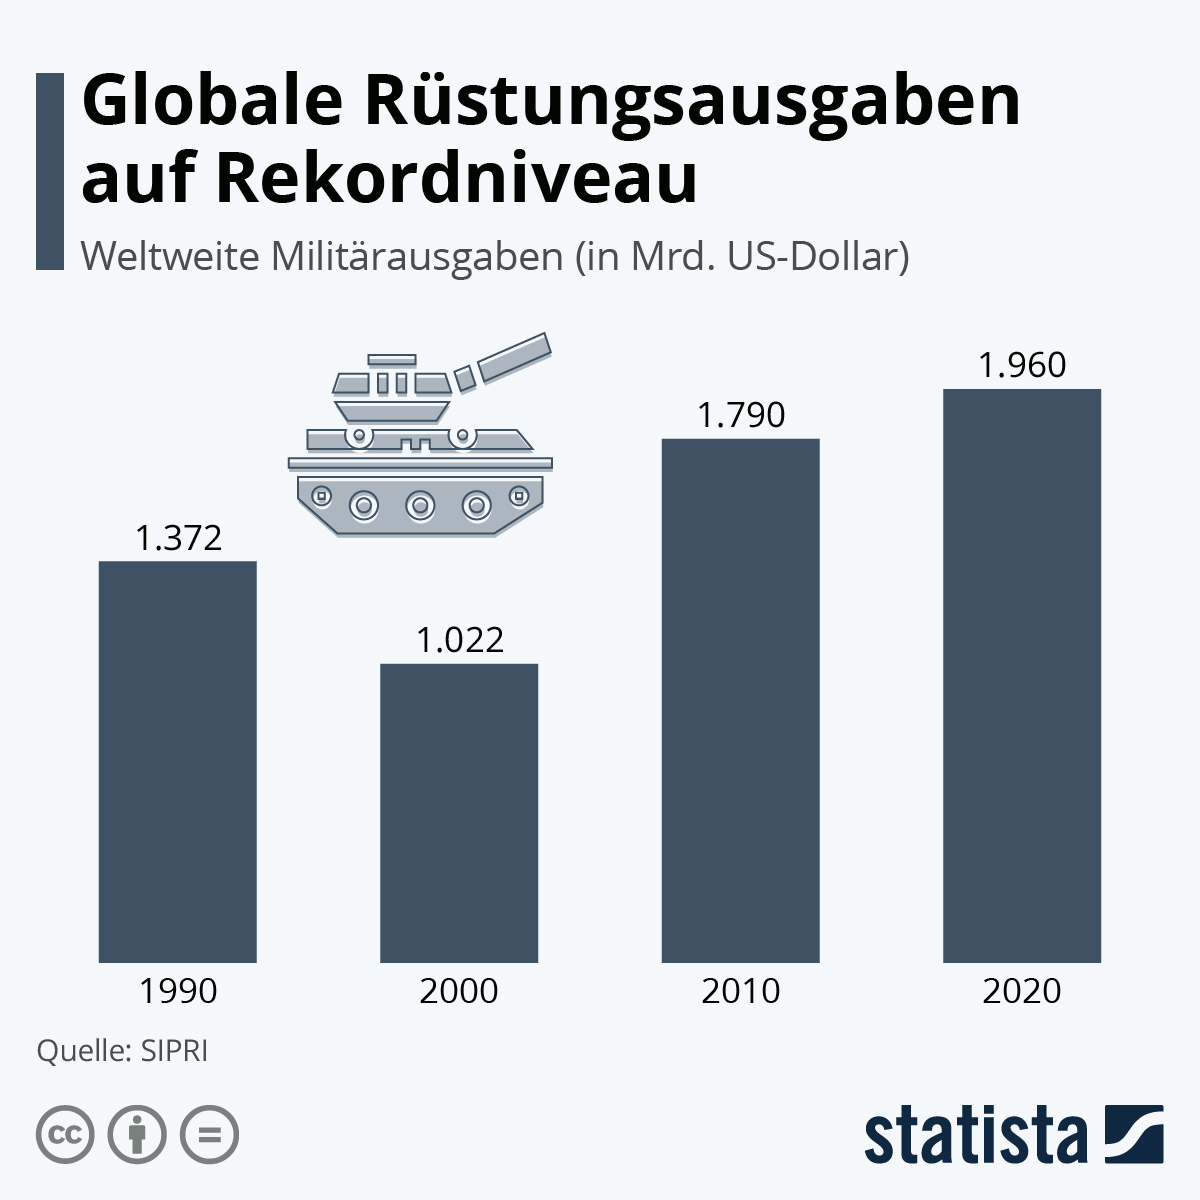 Infografik: Die Welt rüstet auf | Statista